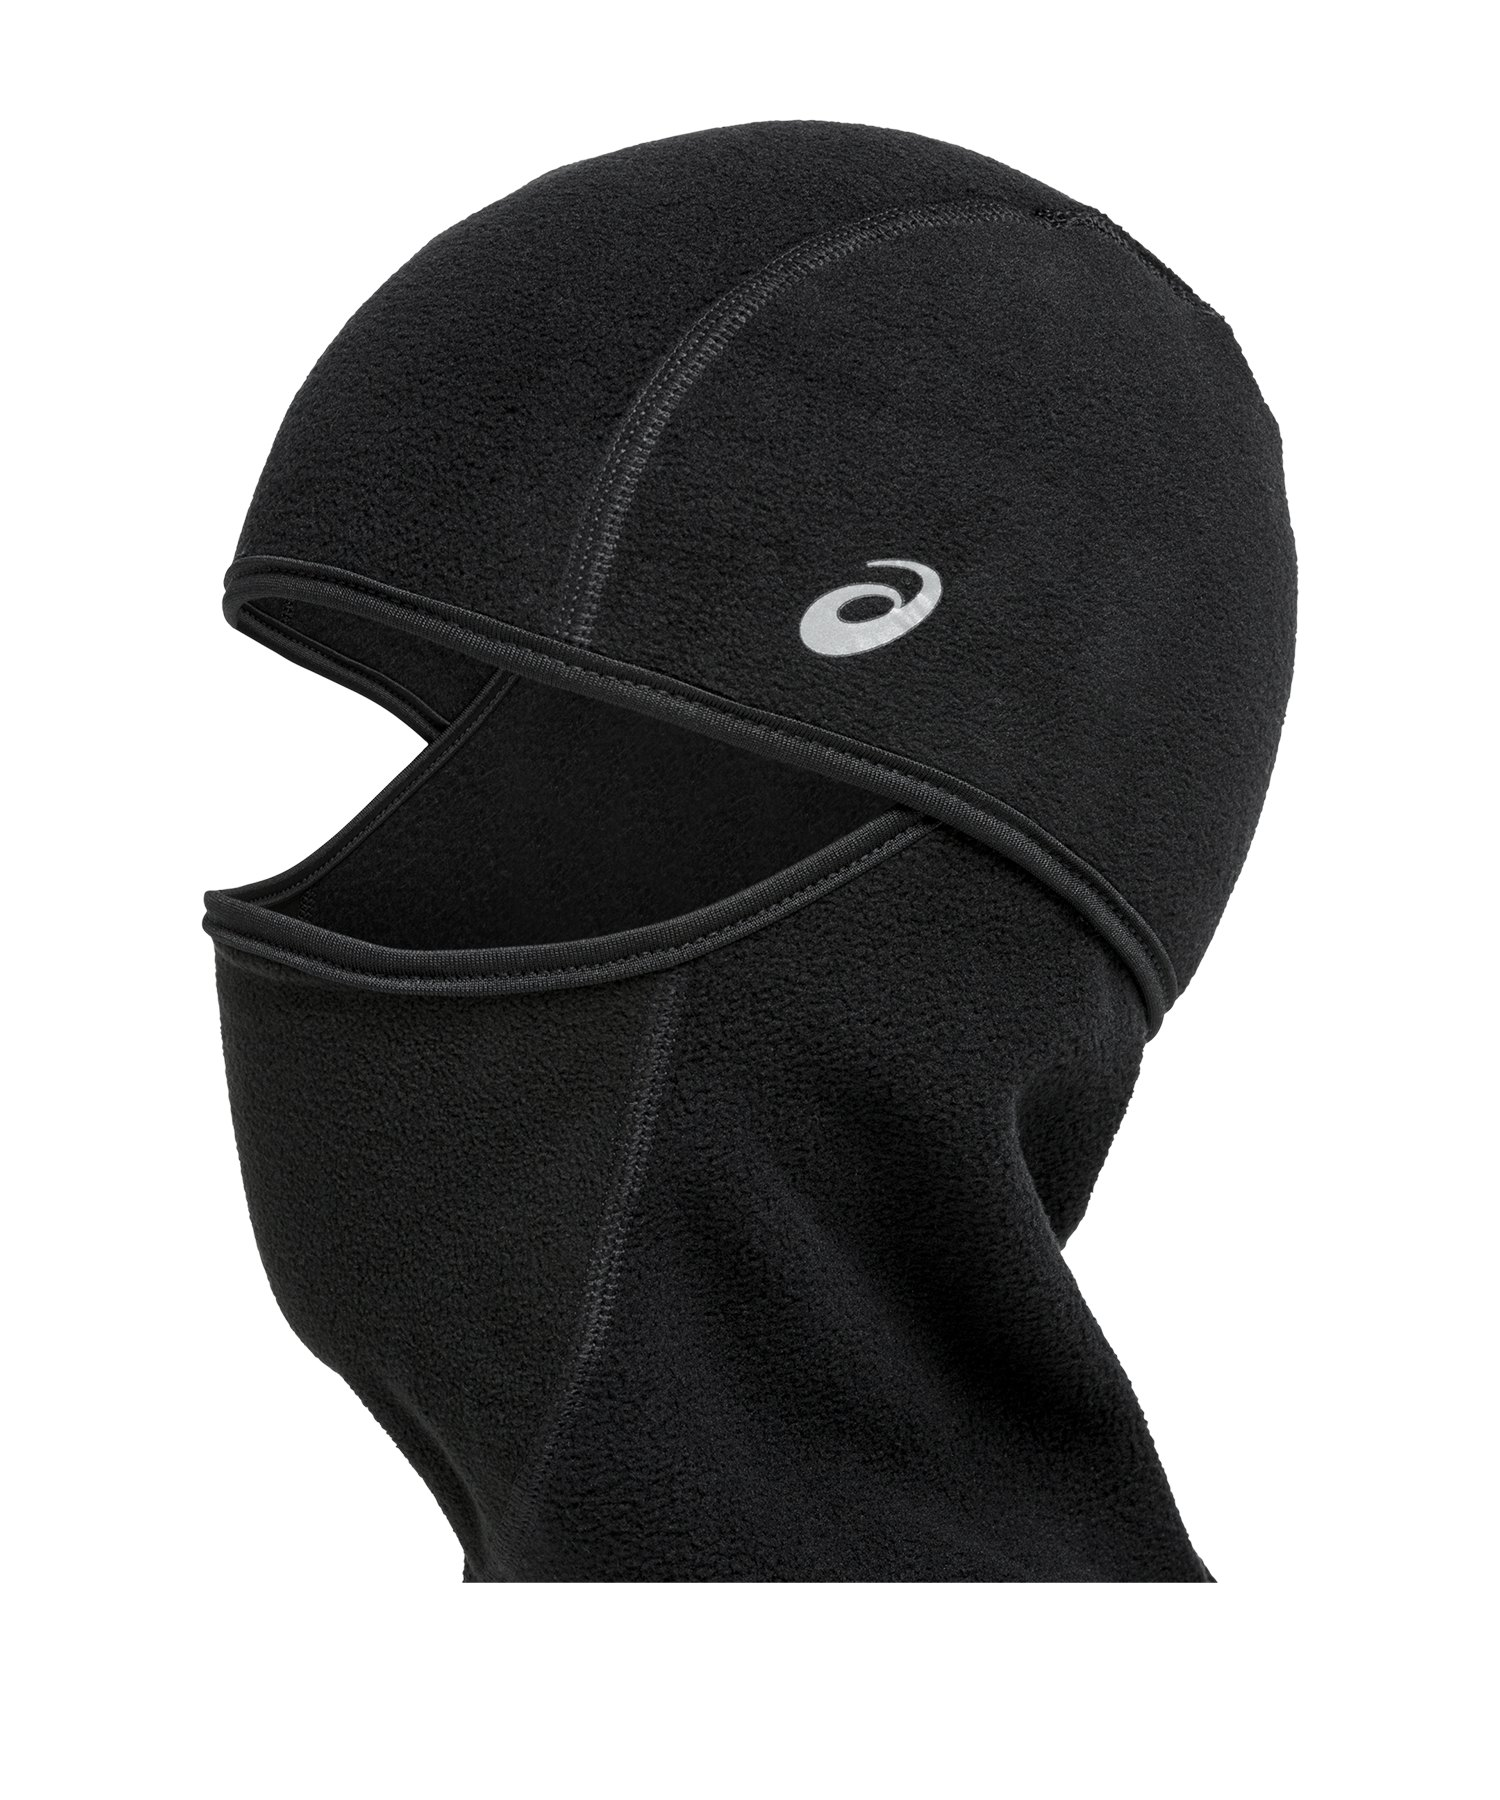 Asics Balaclava Wintermaske Running Gesichtsmaske F001 - schwarz